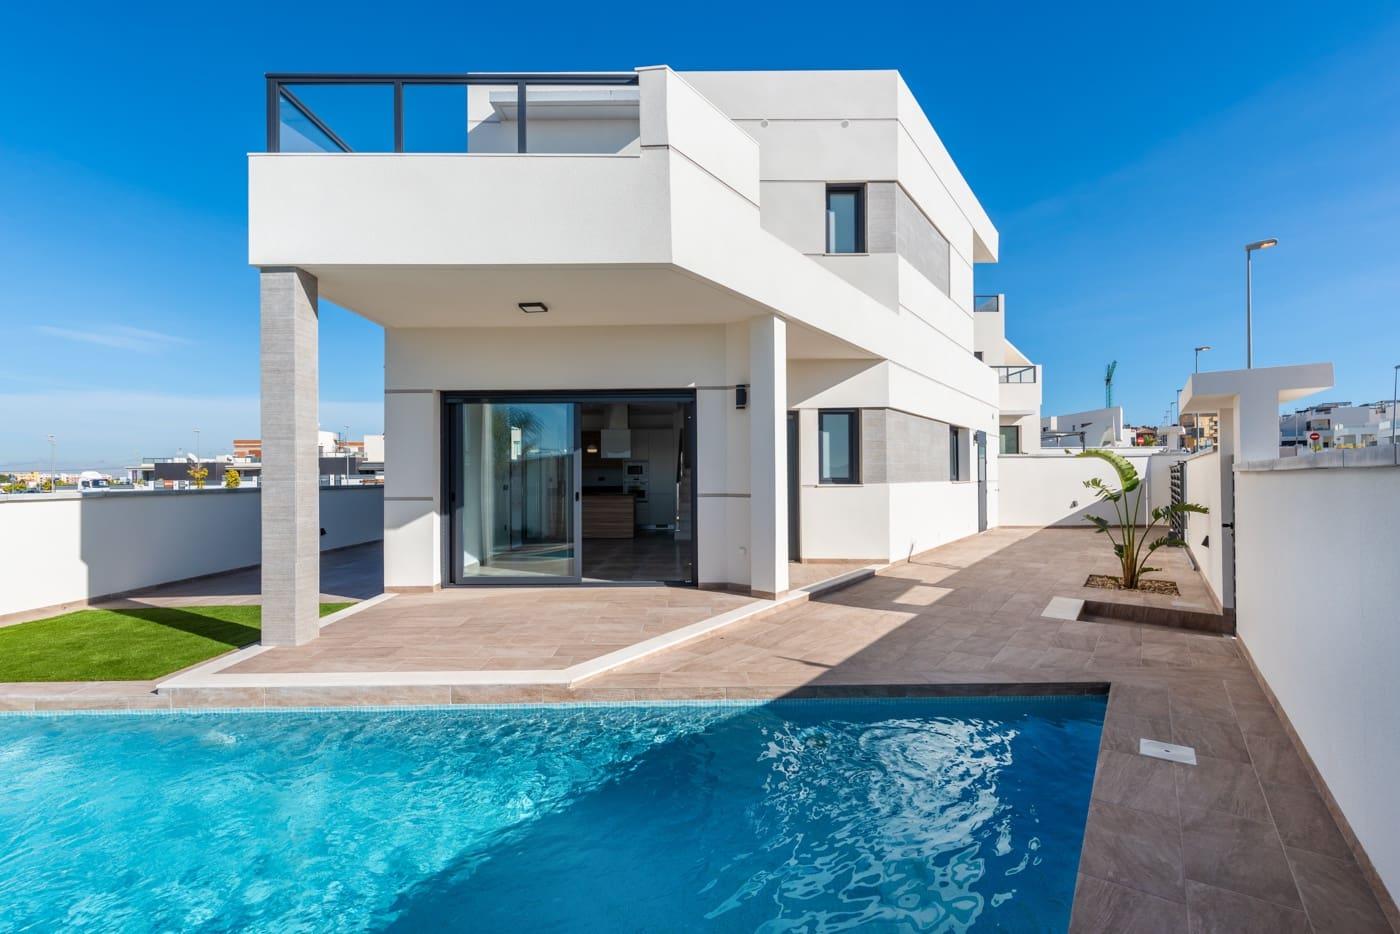 Chalet de 3 habitaciones en Benijófar en venta con piscina - 274.000 € (Ref: 5054089)